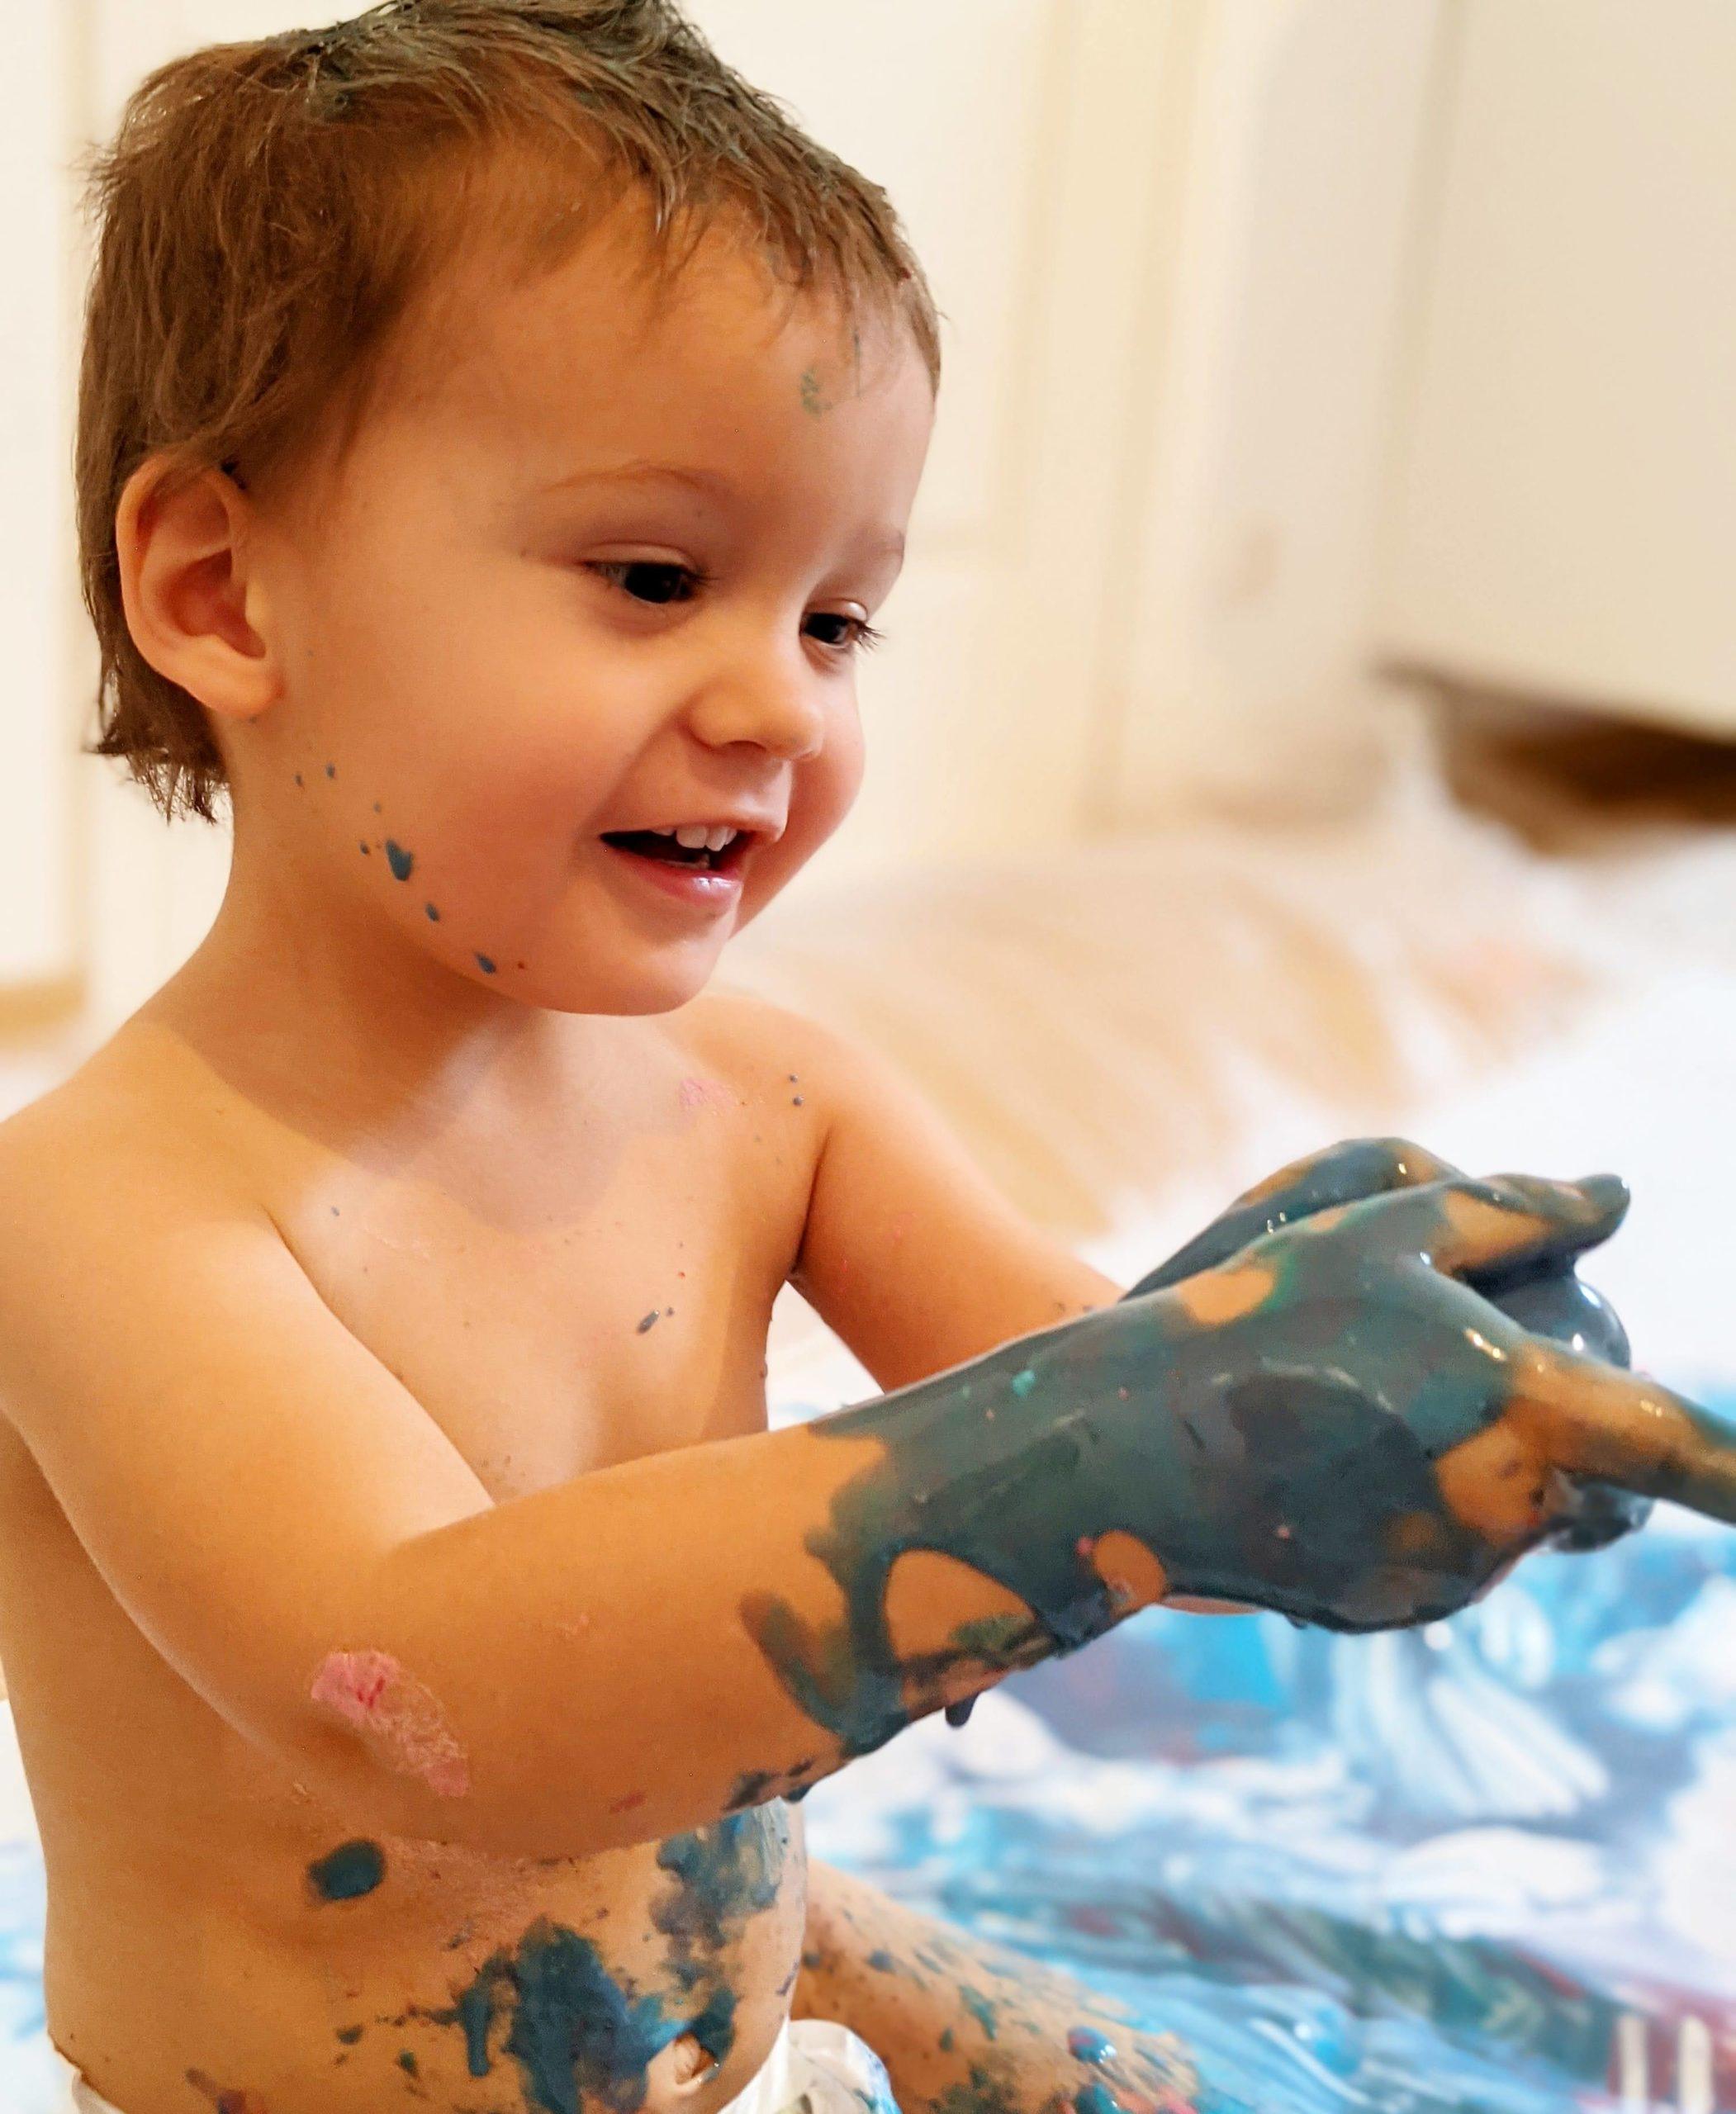 Le 17/09, atelier de peinture bébé chez 123 SOLENE, 13001 – 10H